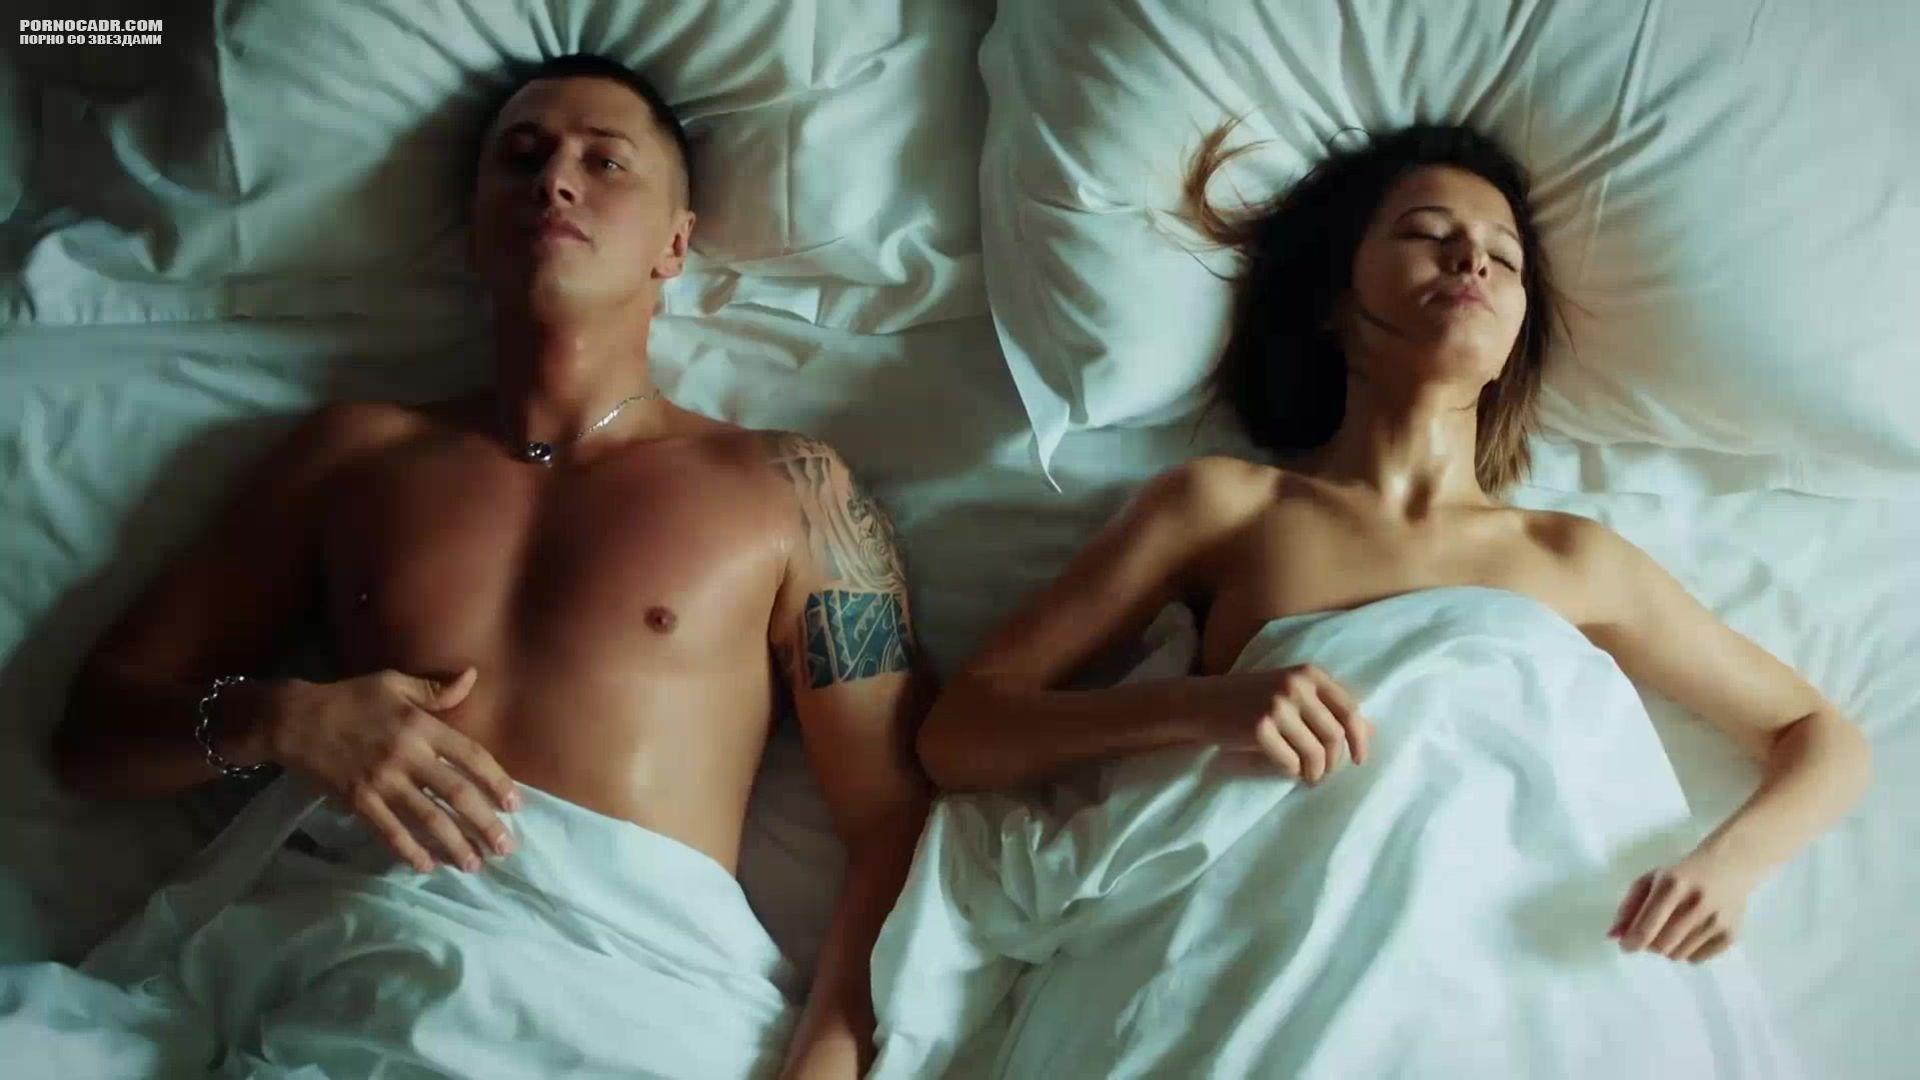 норм Советую Посмотреть эротический фильм нравятся Ваши